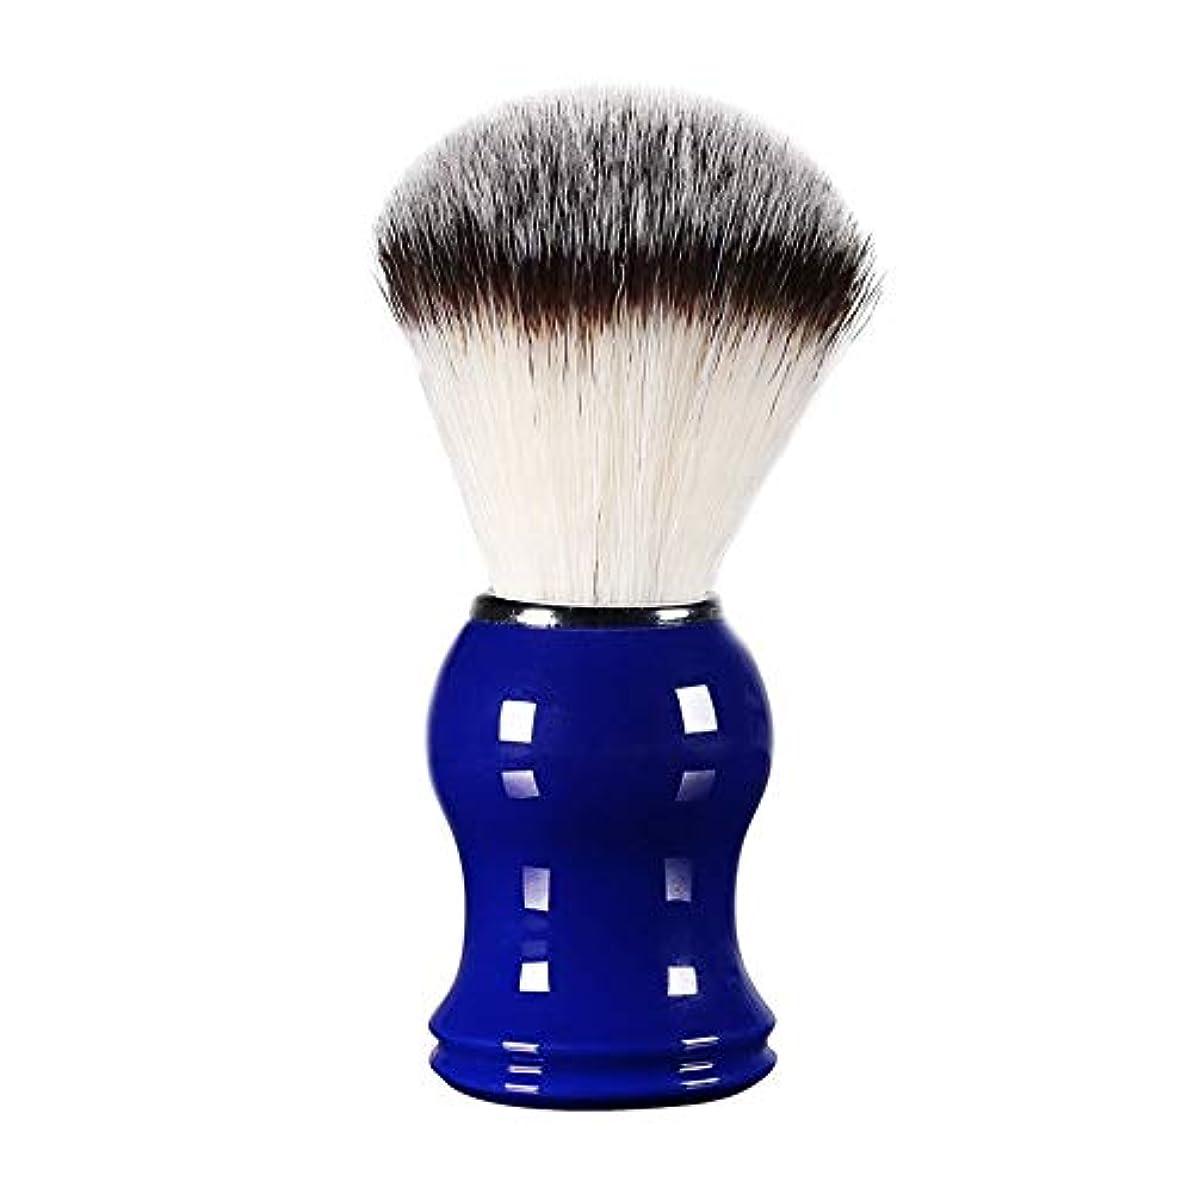 テロリスト動脈知性Oddalsail メンズ シェービングブラシ 理髪 男性用 顔髭 クリーニングブラシ 樹脂ハンドル付き ブルー